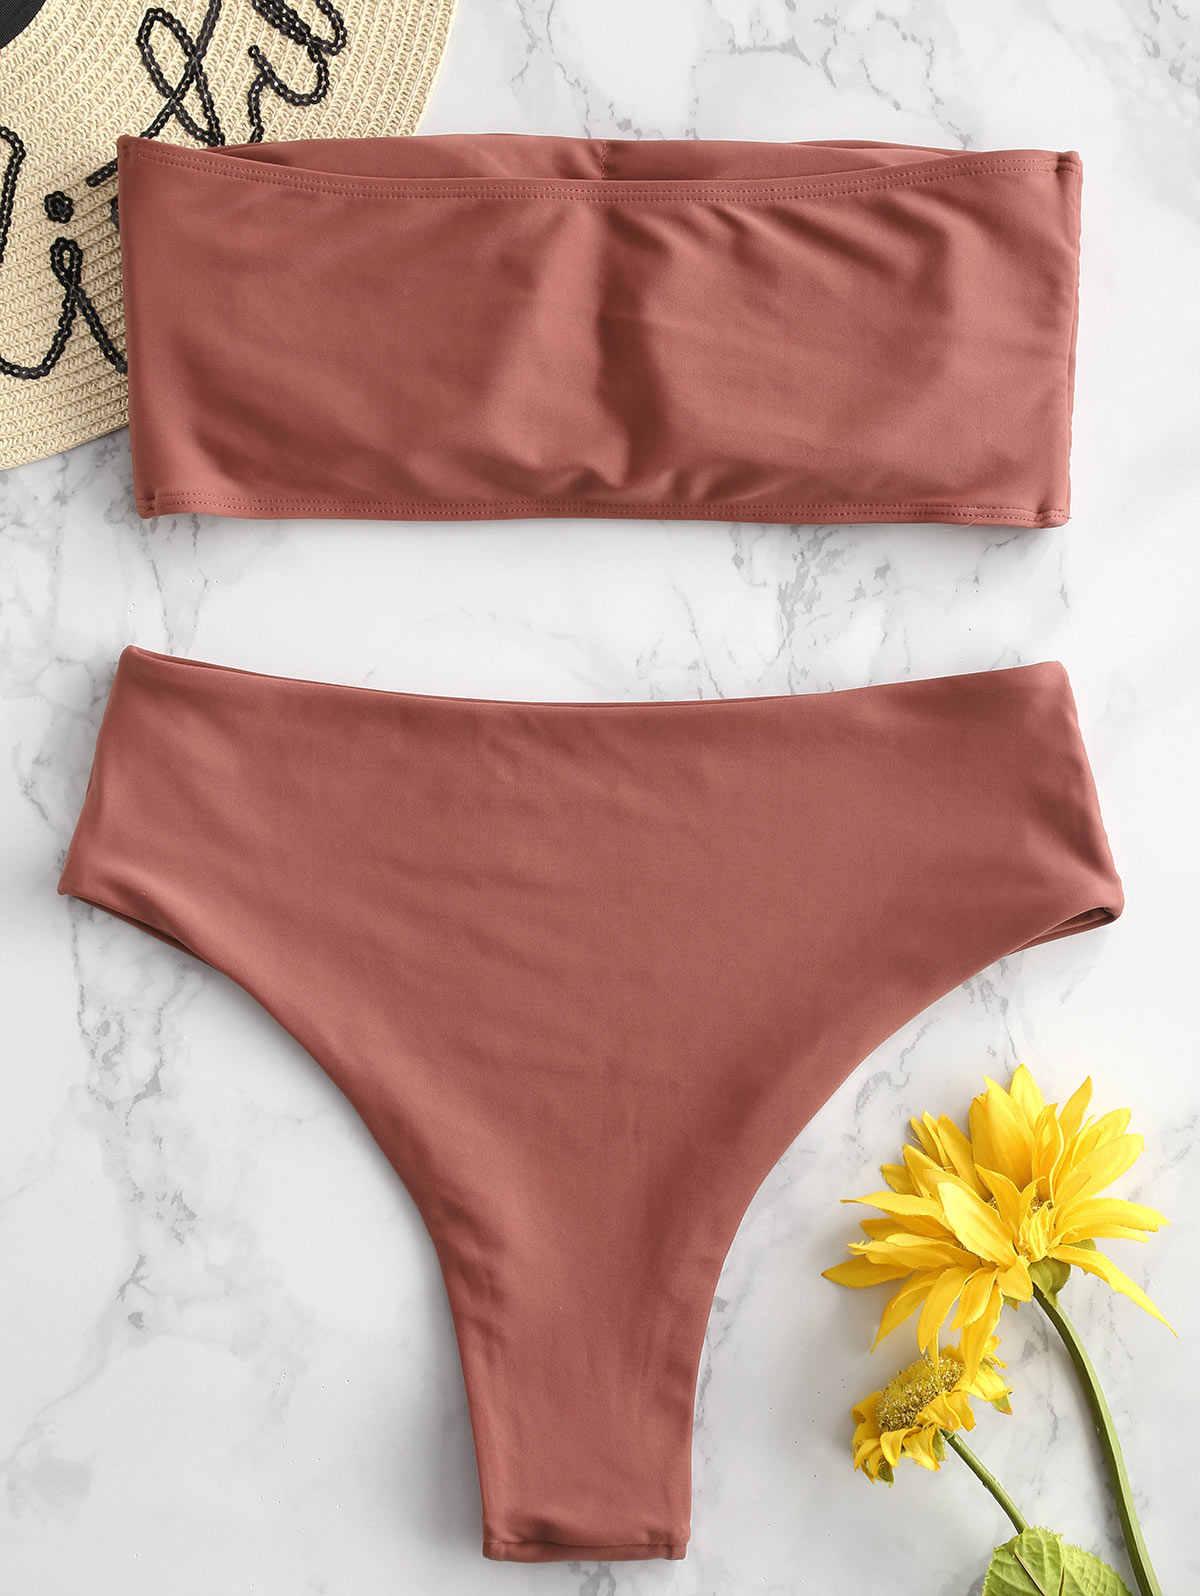 ZAFUL w stylu Boho liść drukuje lato kobiety Bikini zestaw bez ramiączek wyściełane na co dzień strój kąpielowy kobiet Bikini na plaży 2019 Mujer